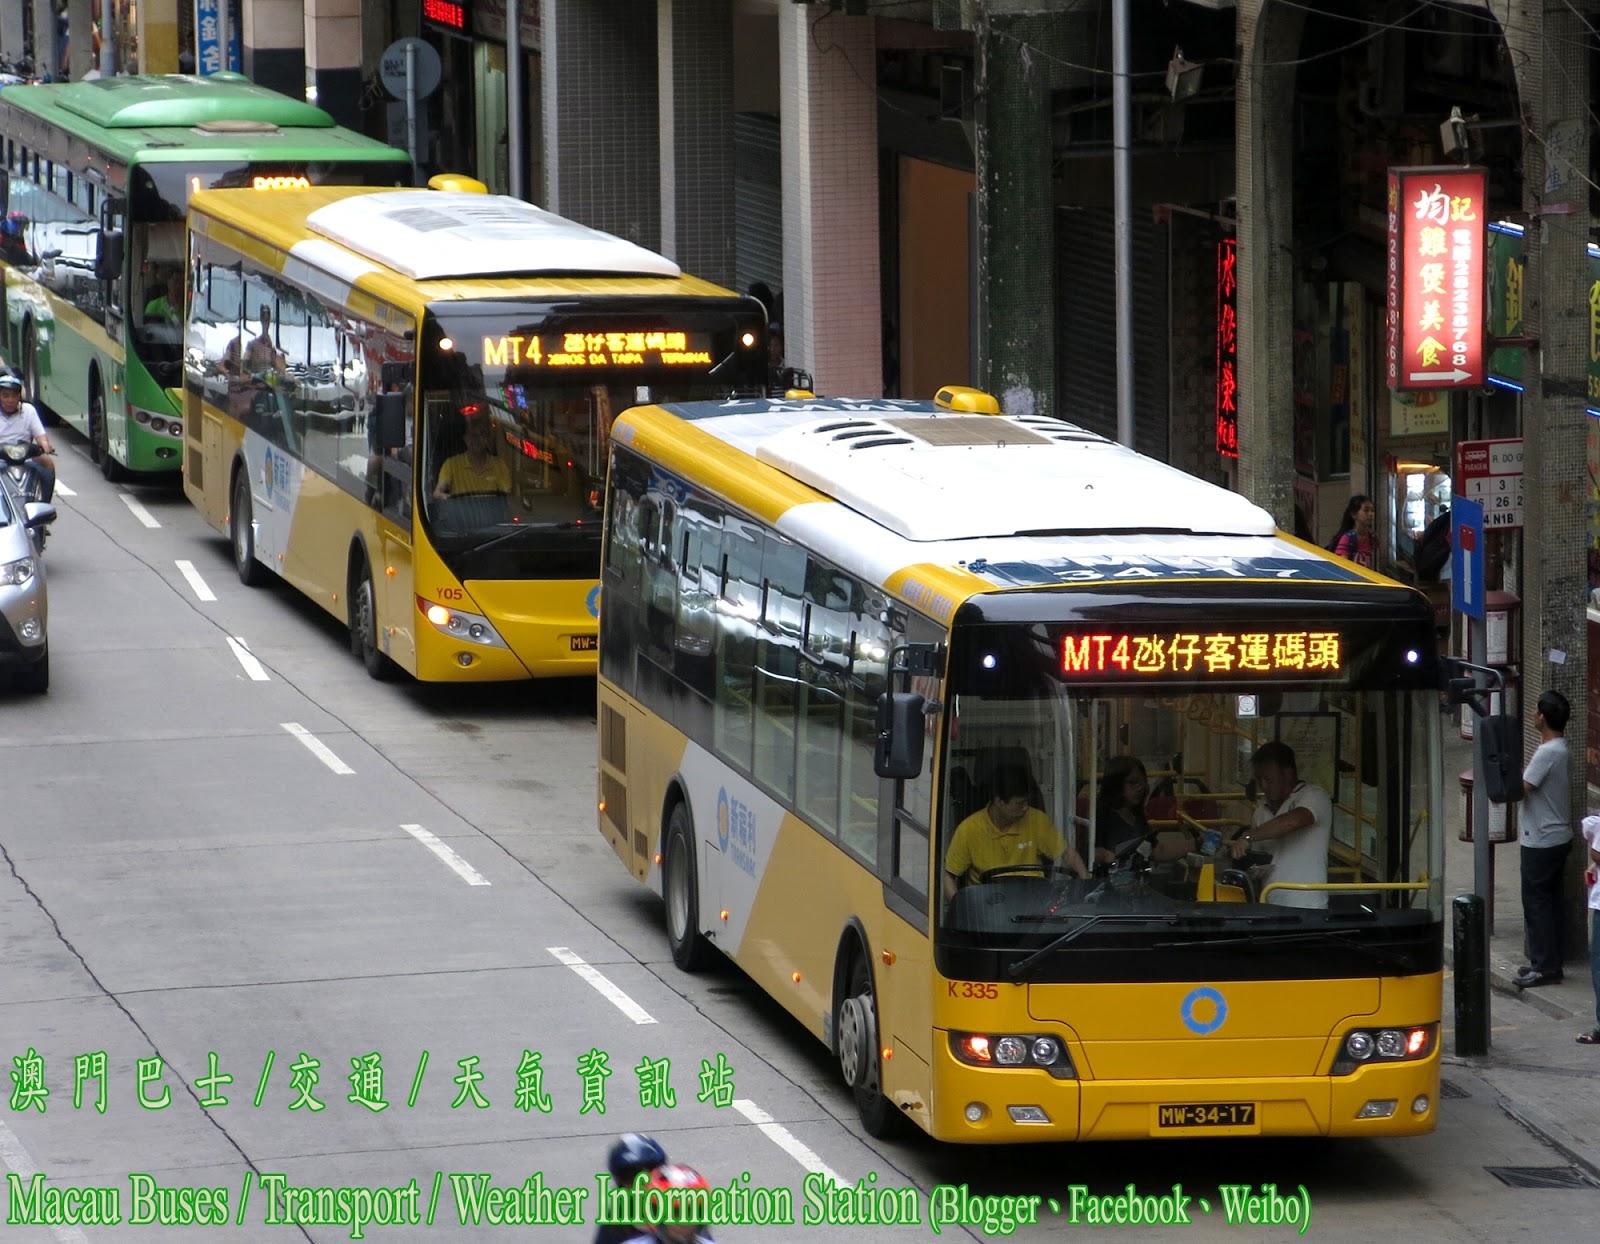 澳 門 巴 士 / 交 通 / 天 氣 資 訊 站 Macau Buses / Transport / Weather Information Station: 今日起巴士電牌改為顯示氹仔 ...